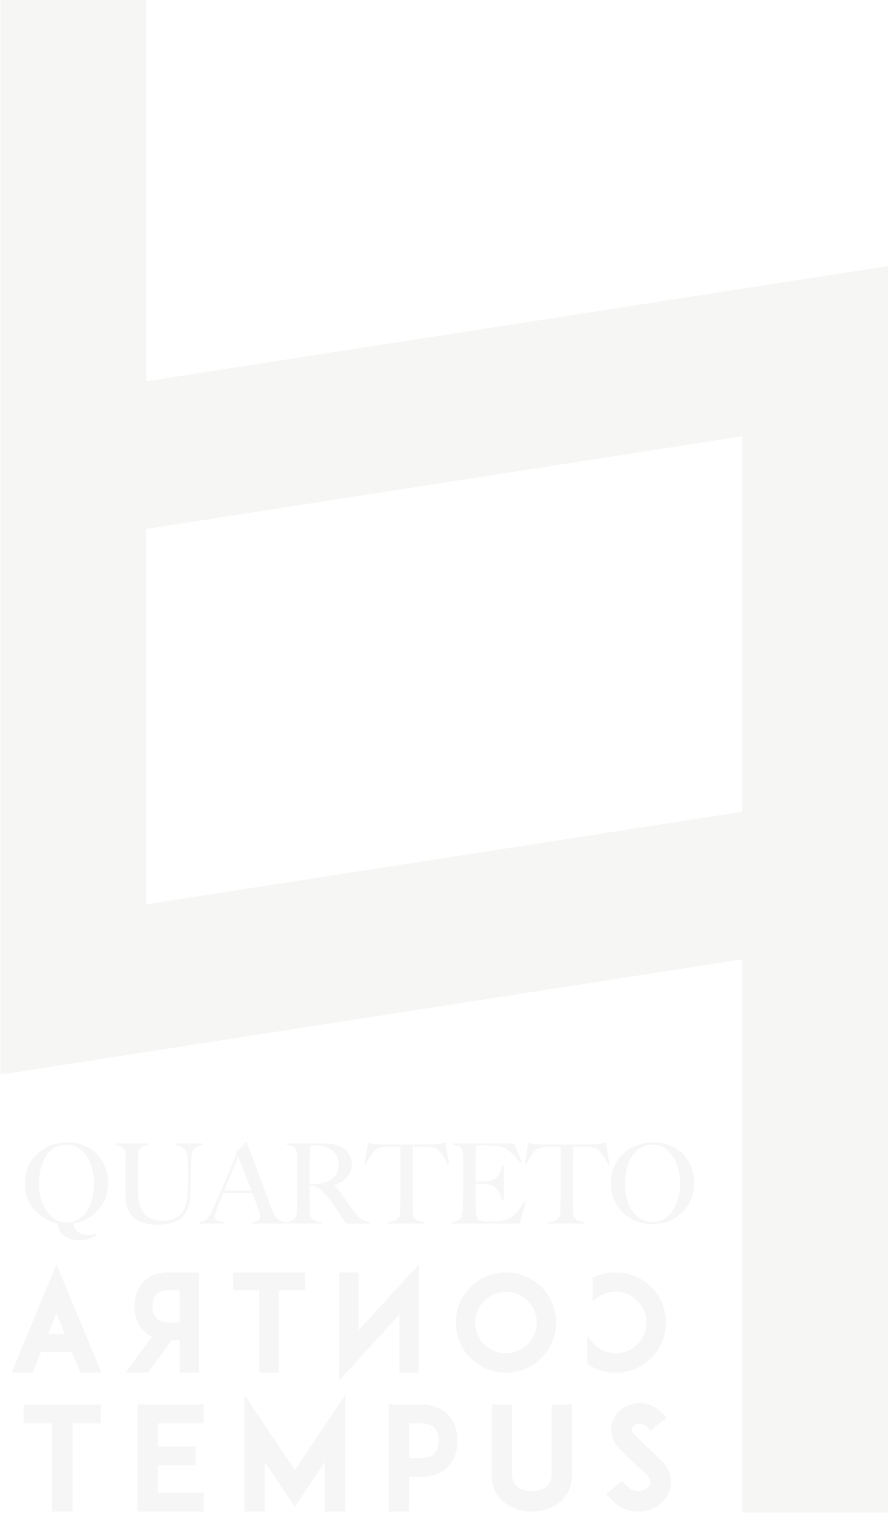 Quarteto Contratempus